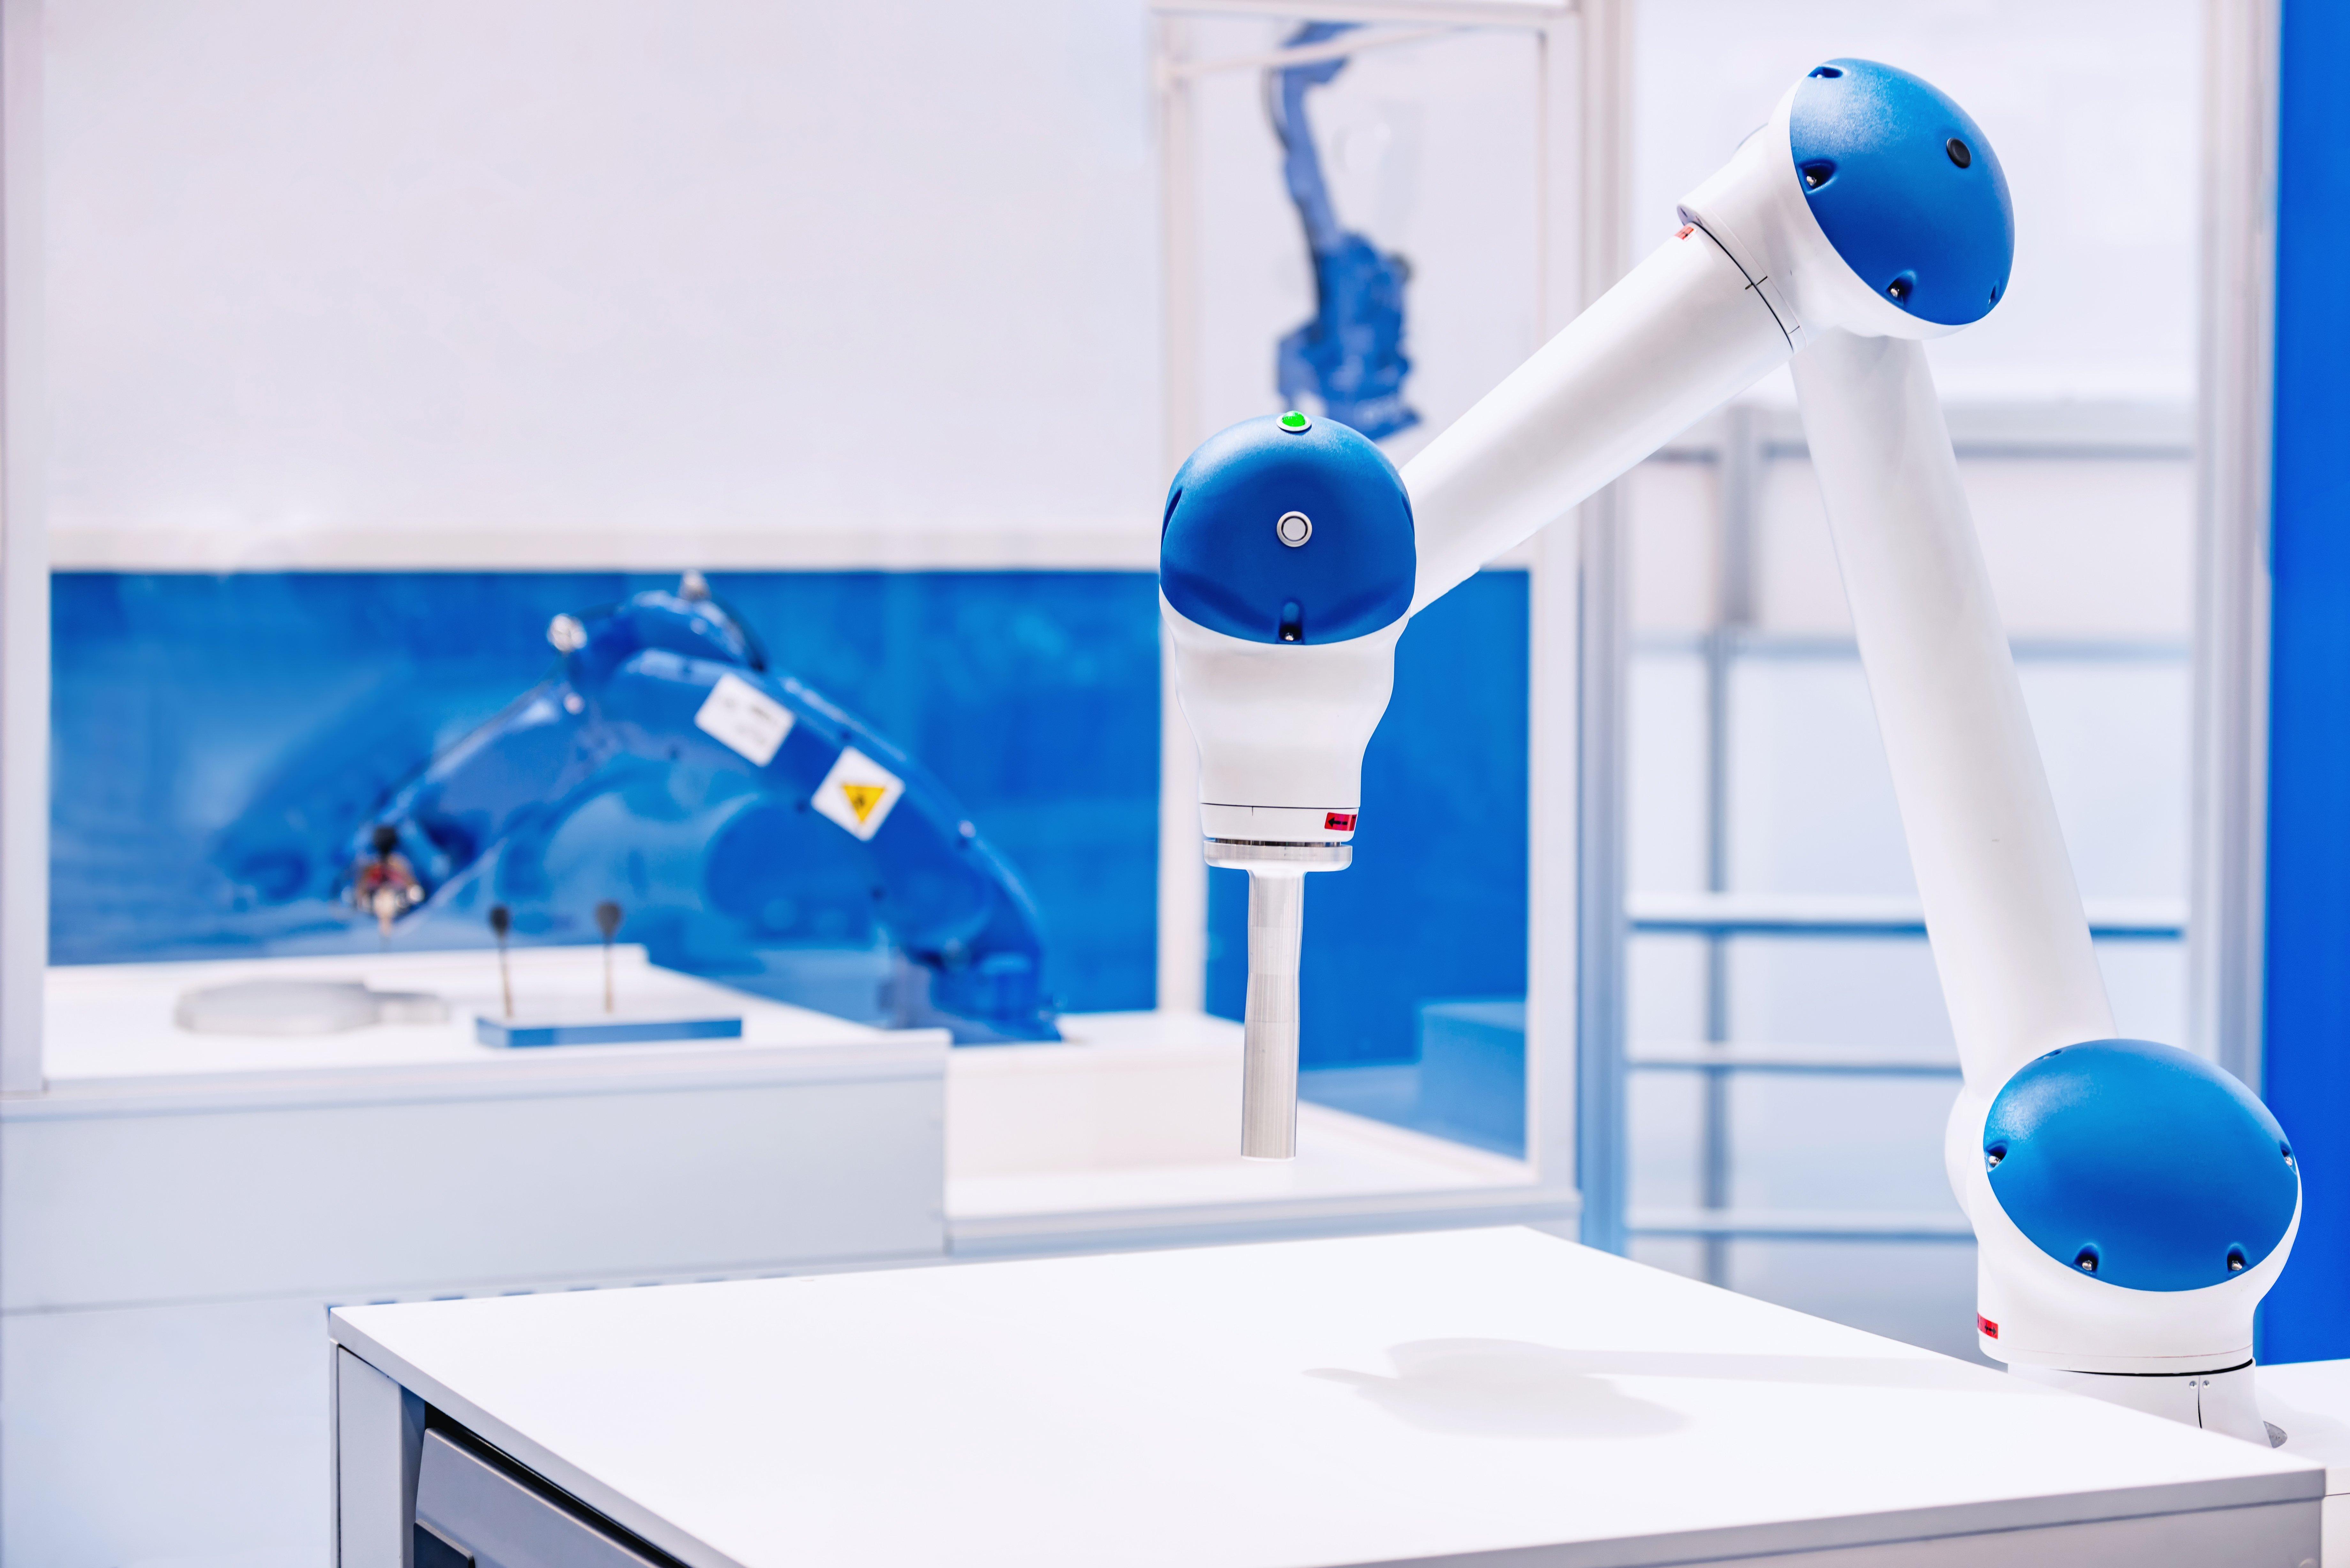 robot-motoman-XAZGL5E